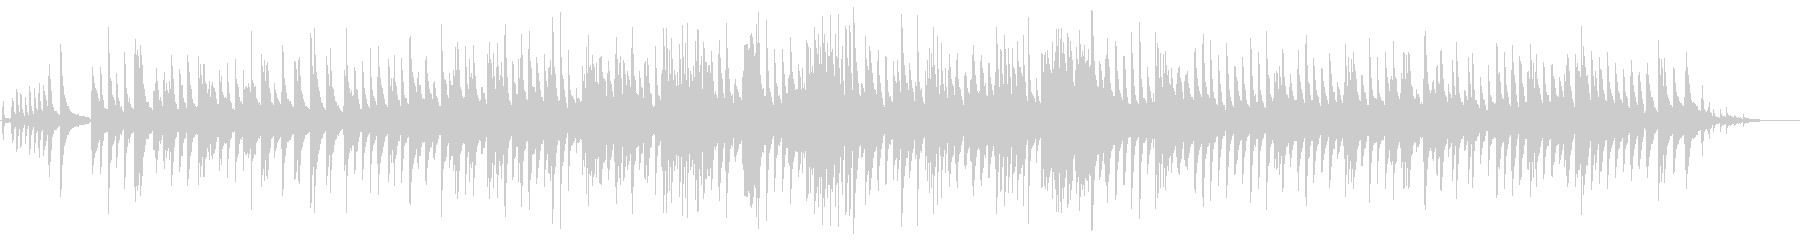 しっとりジャズ:ピアノソロ・バラード の未再生の波形